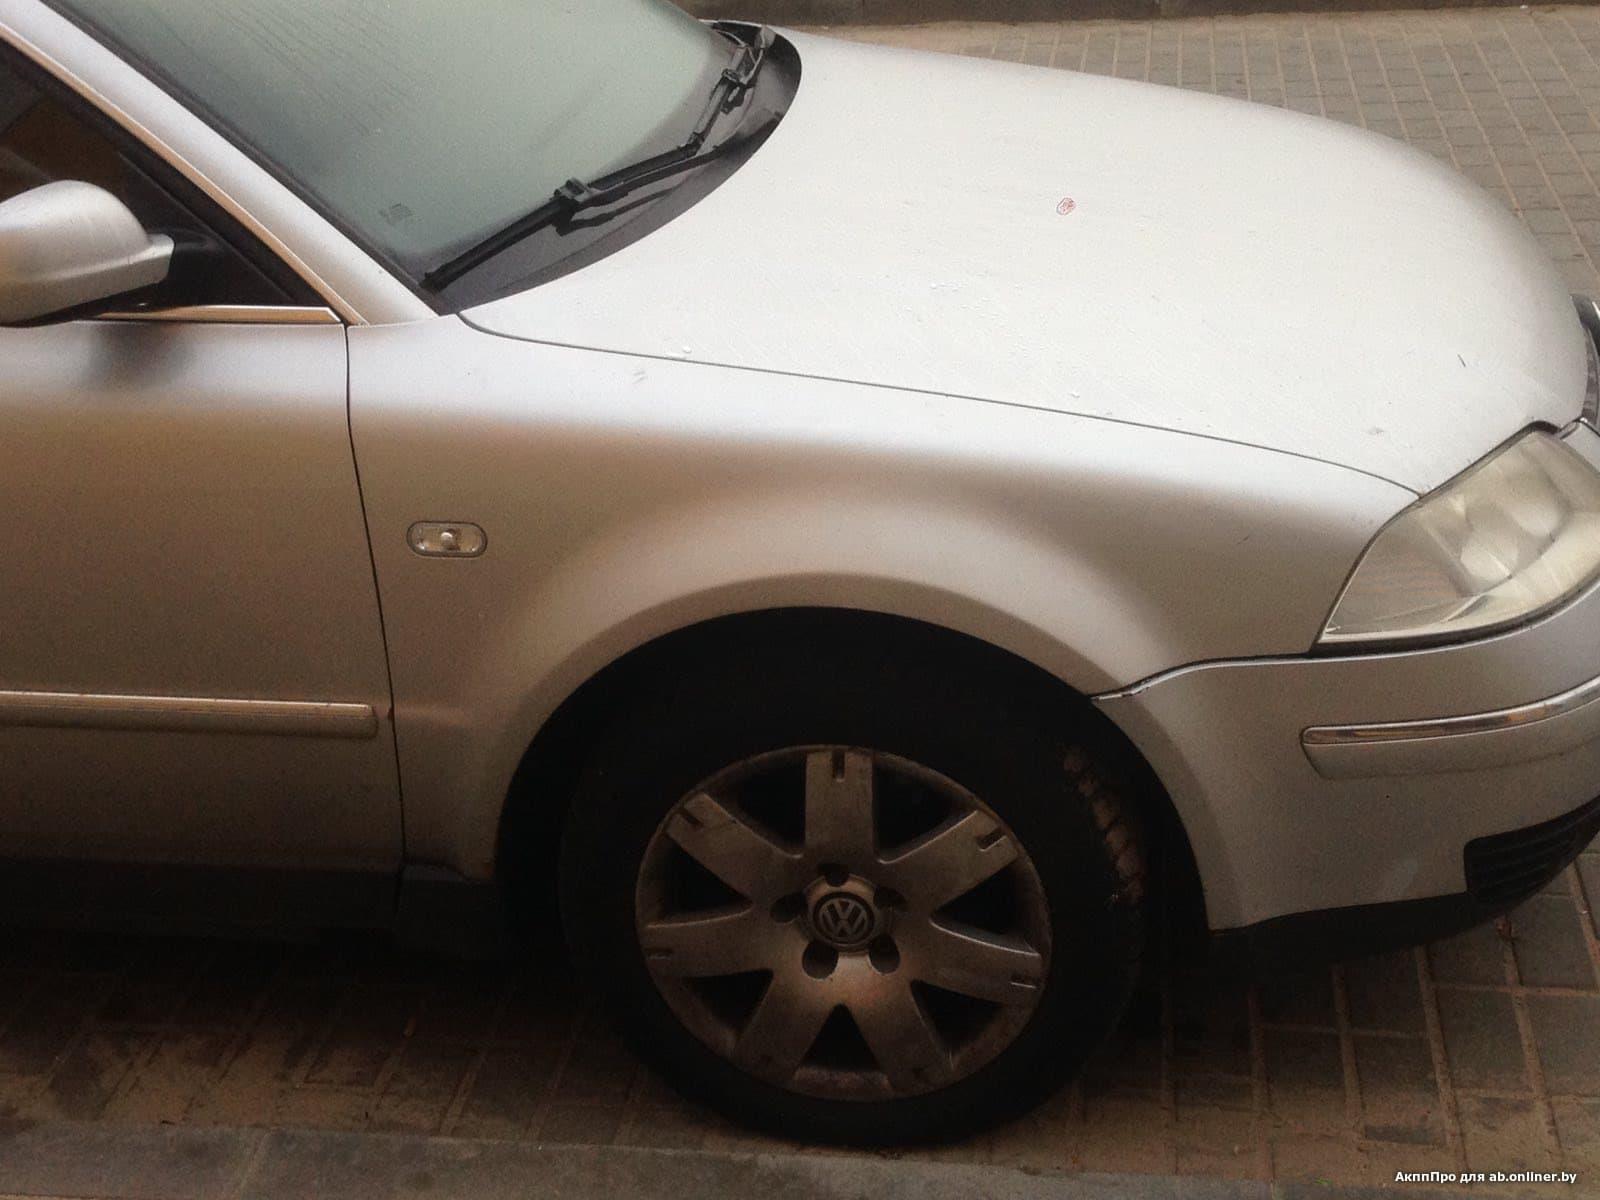 Volkswagen Passat B5 4motion